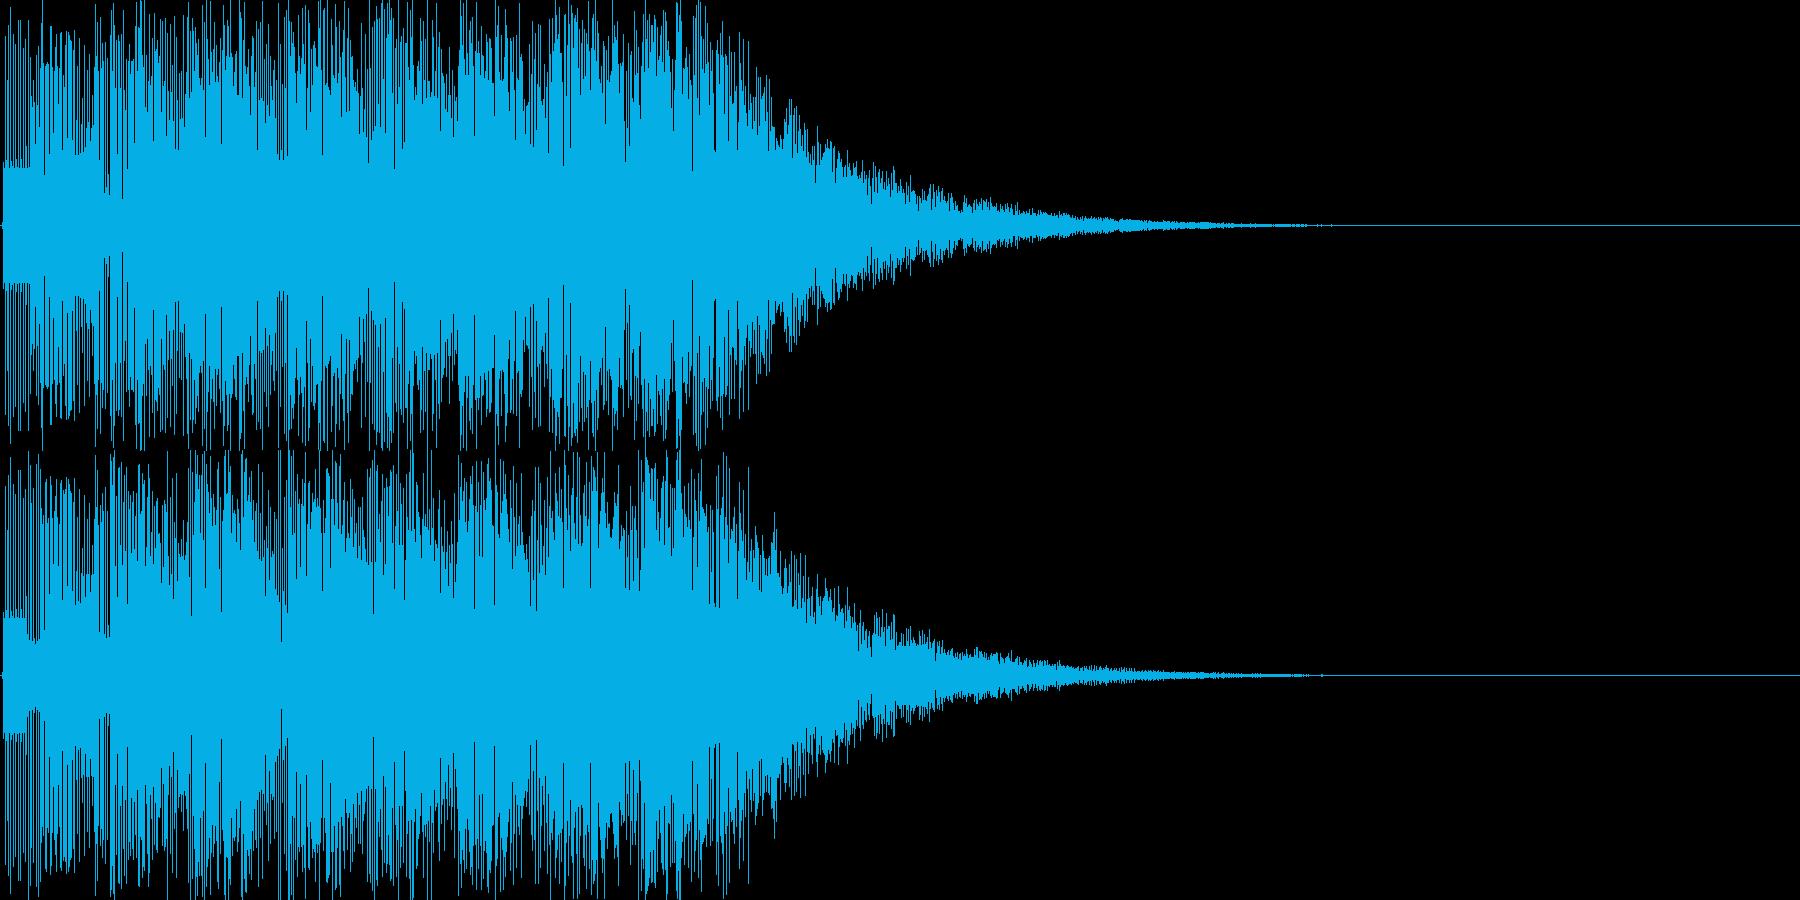 ファミコン系_1UP!の再生済みの波形